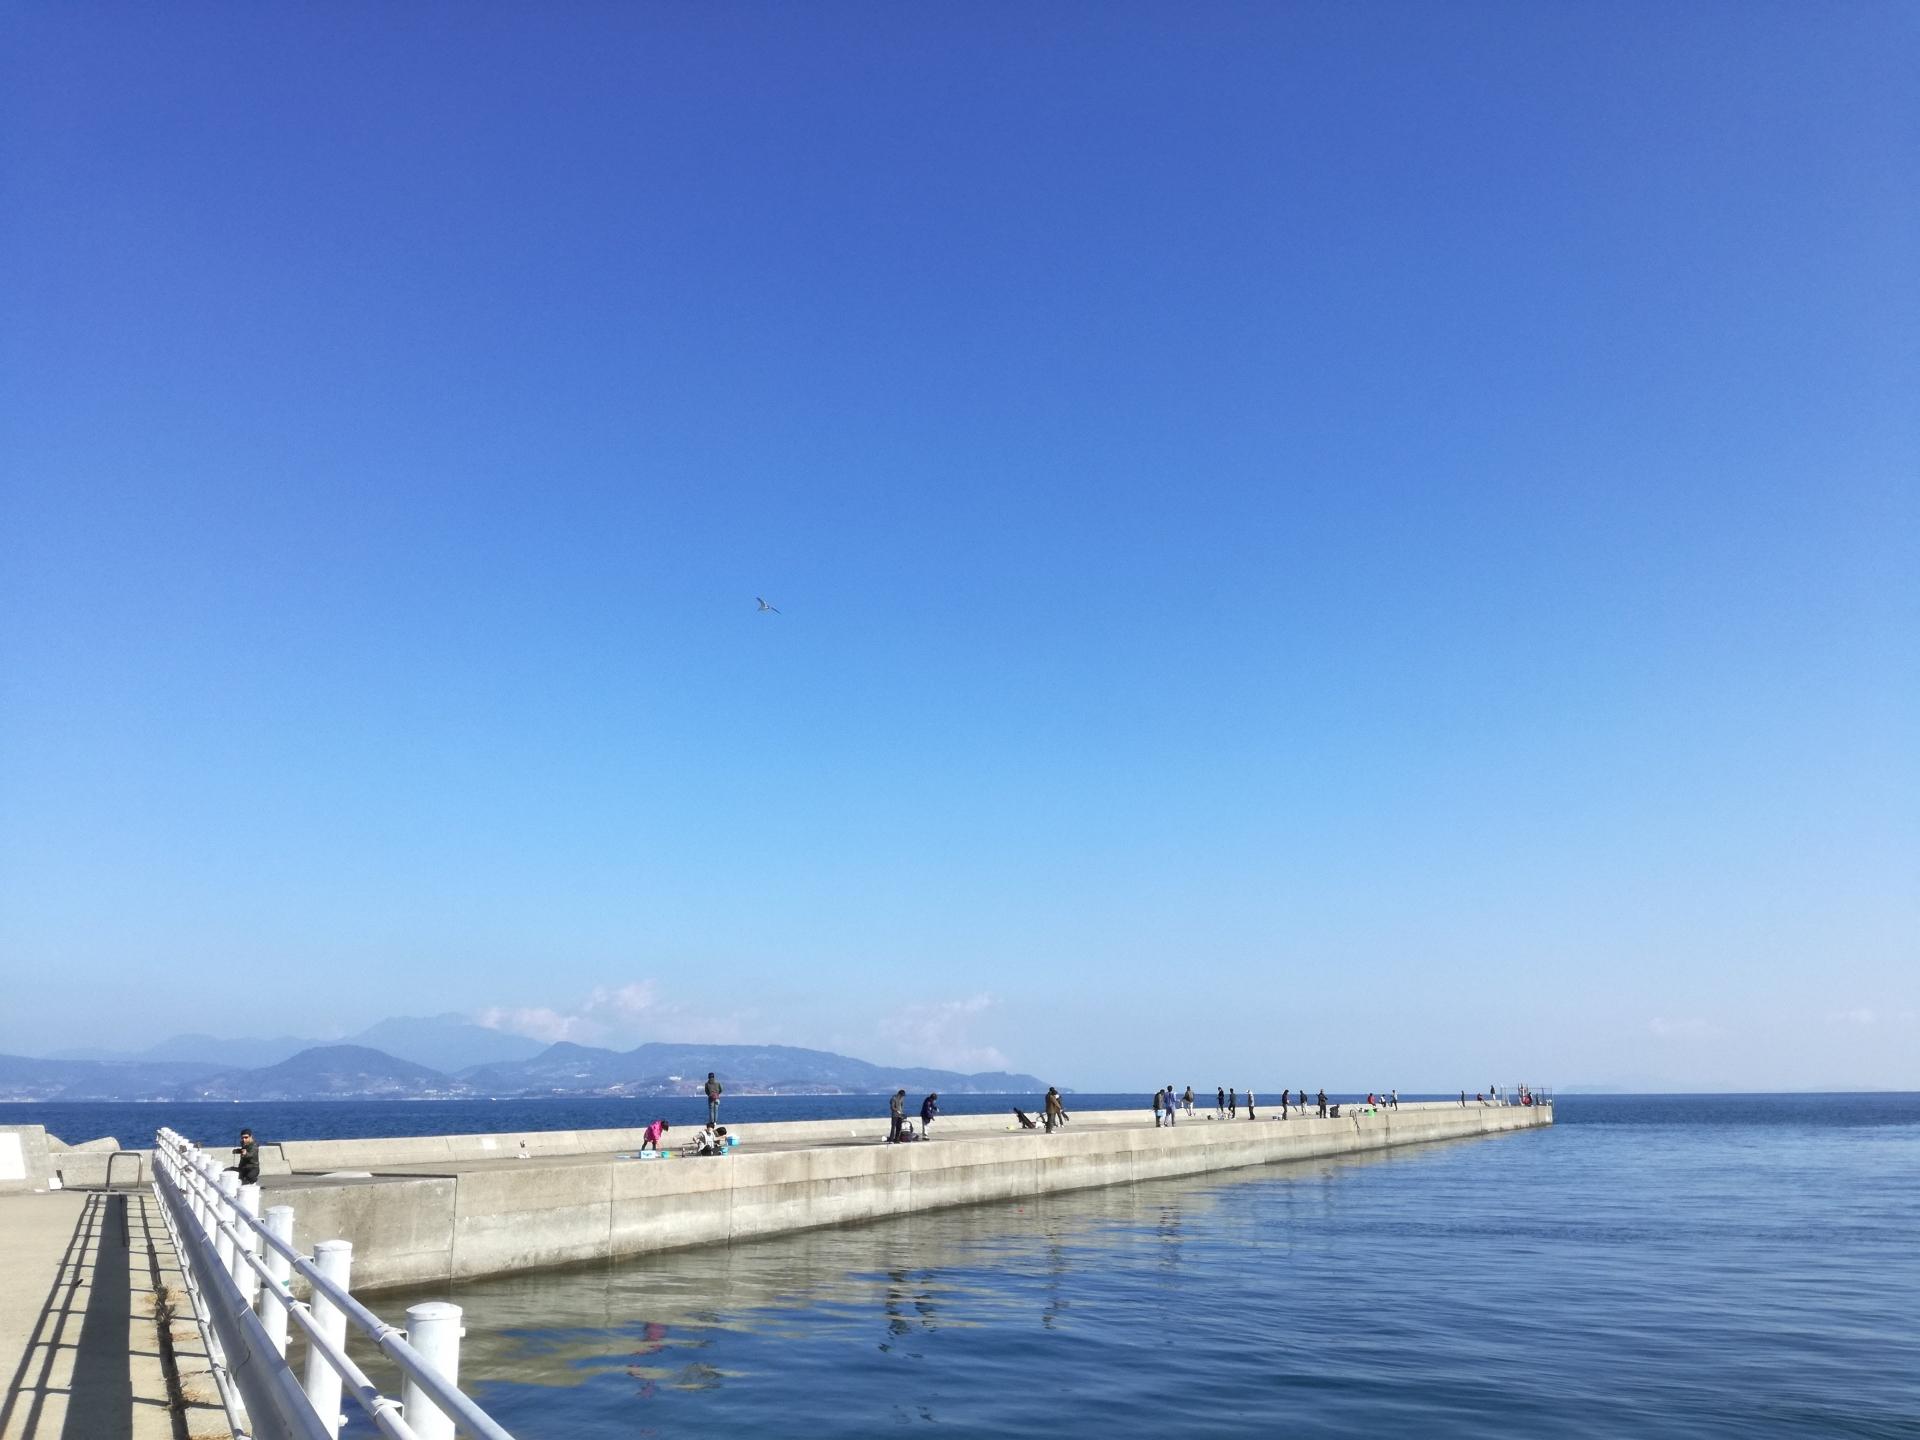 貝塚人工島は大阪の人気釣りスポット!おすすめの仕掛けや穴釣りのコツを伝授!